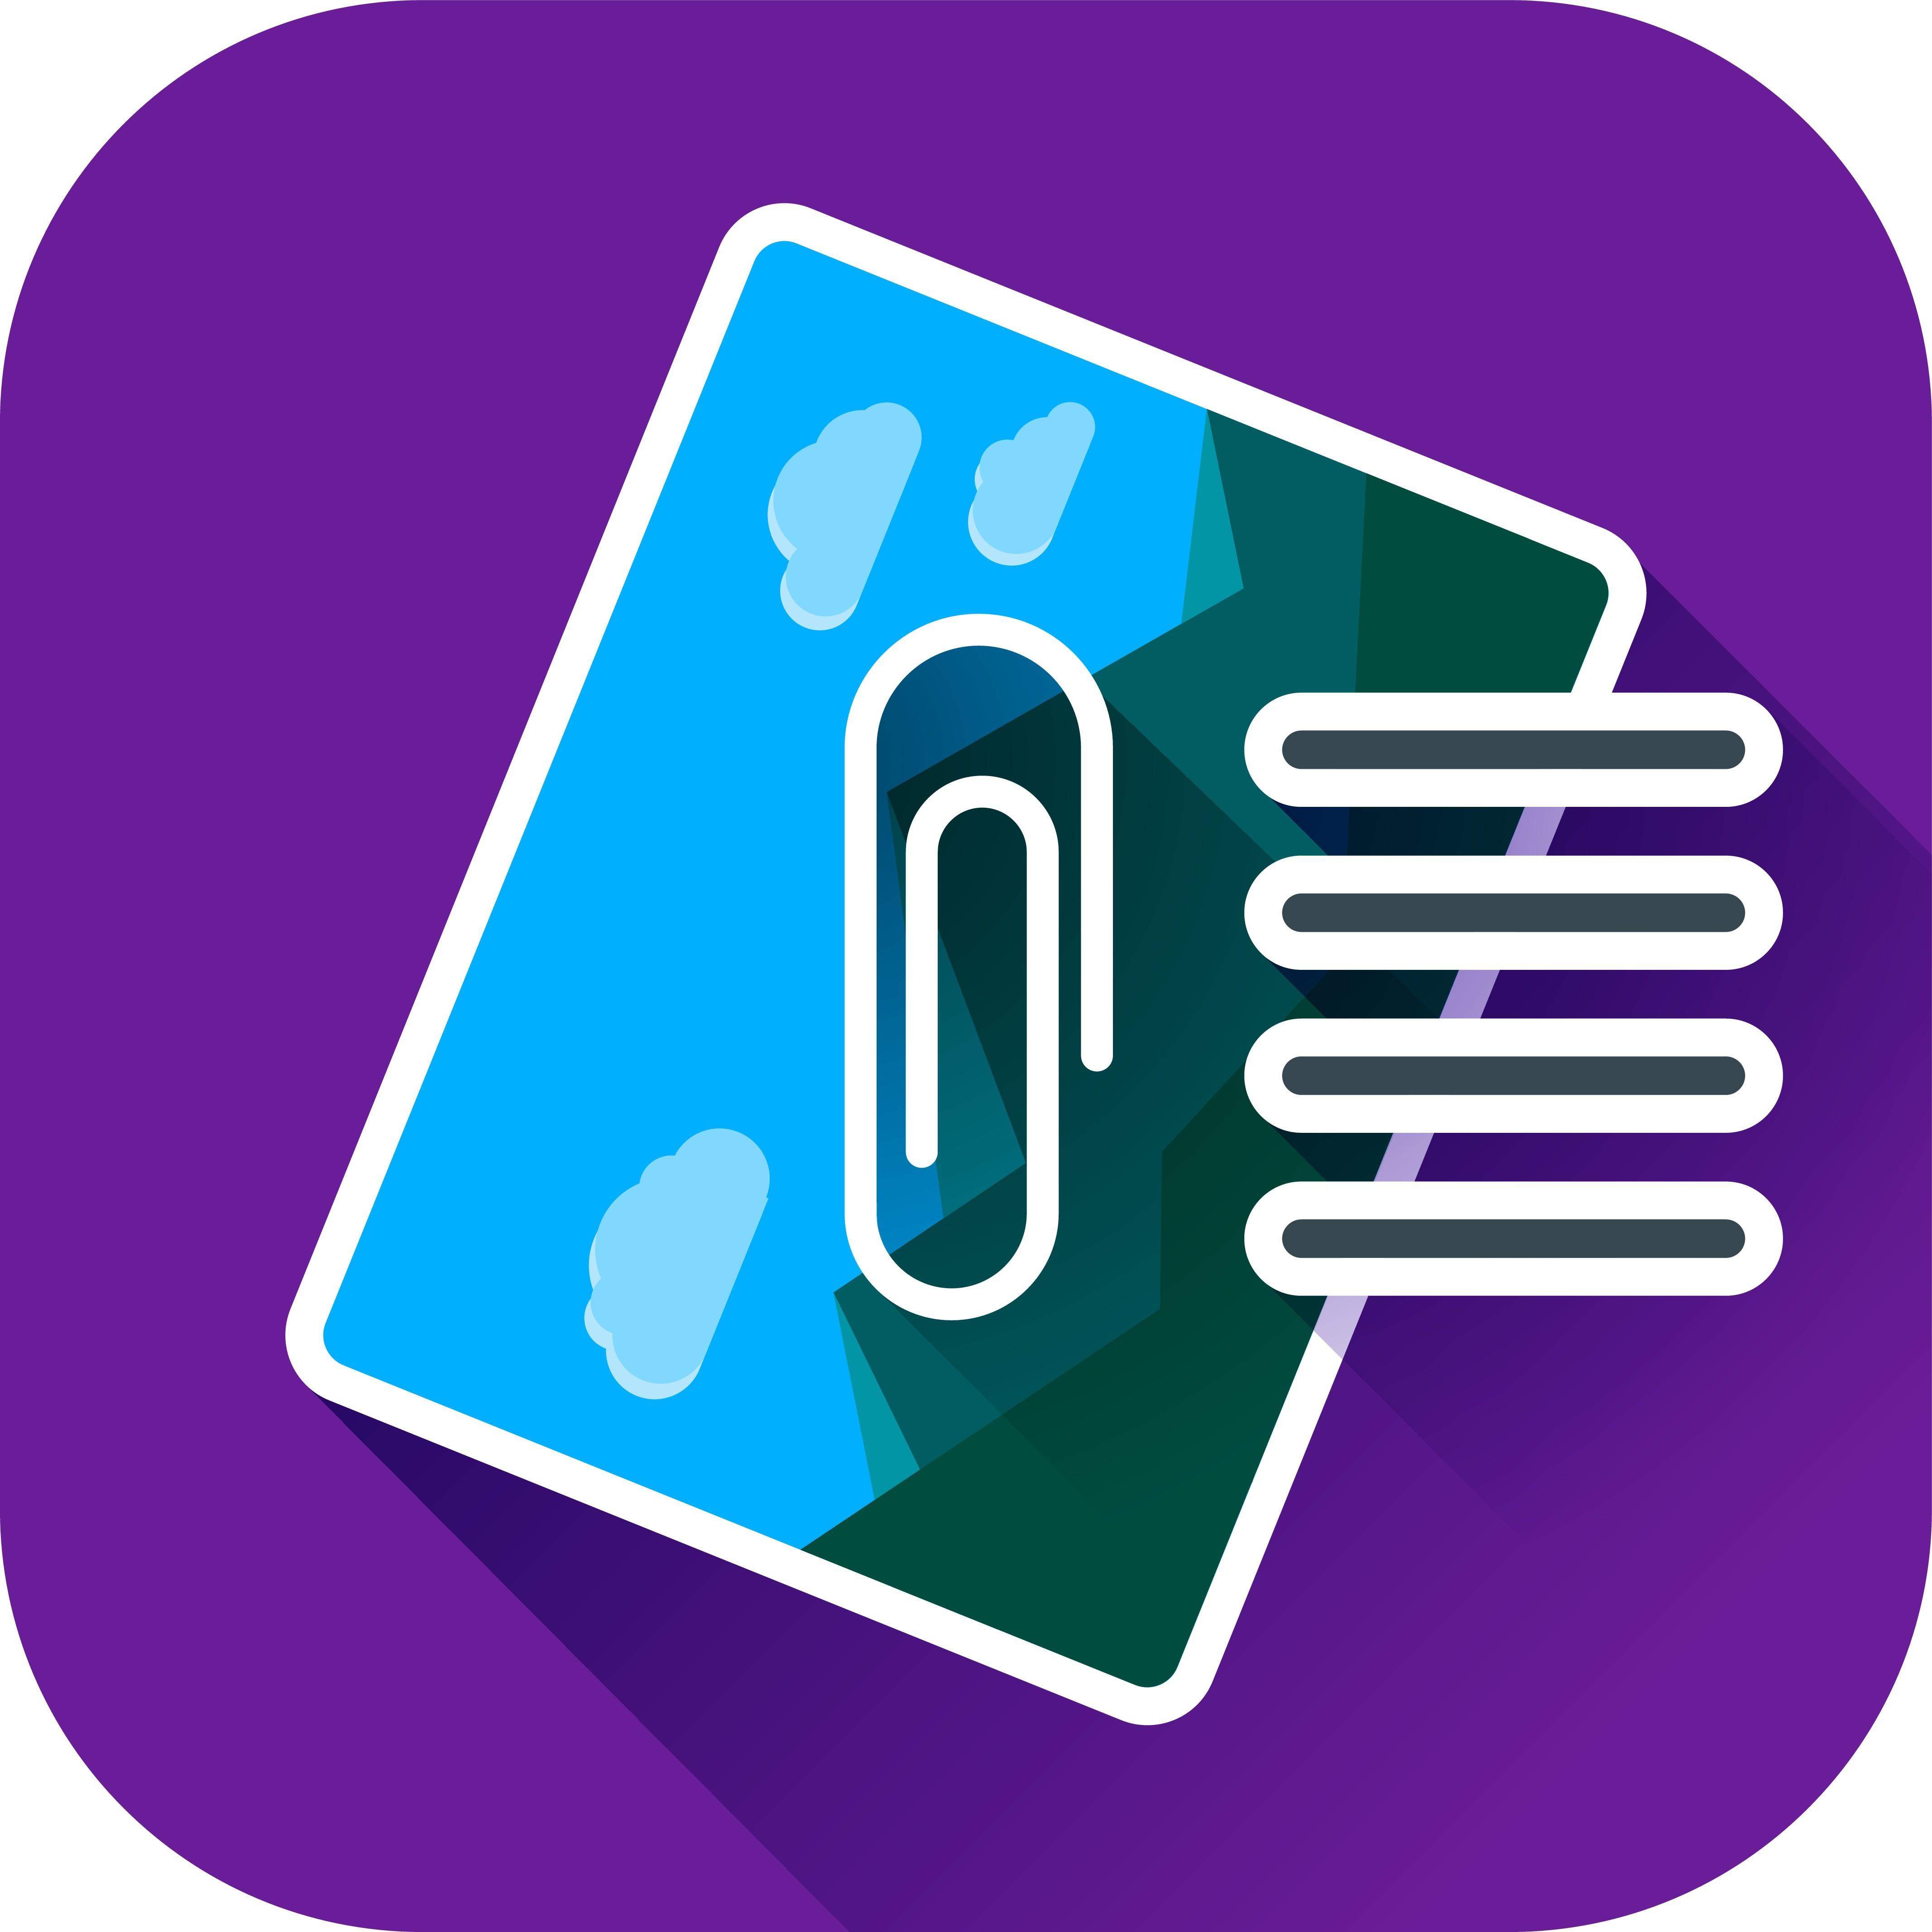 Photo App Icon Contest